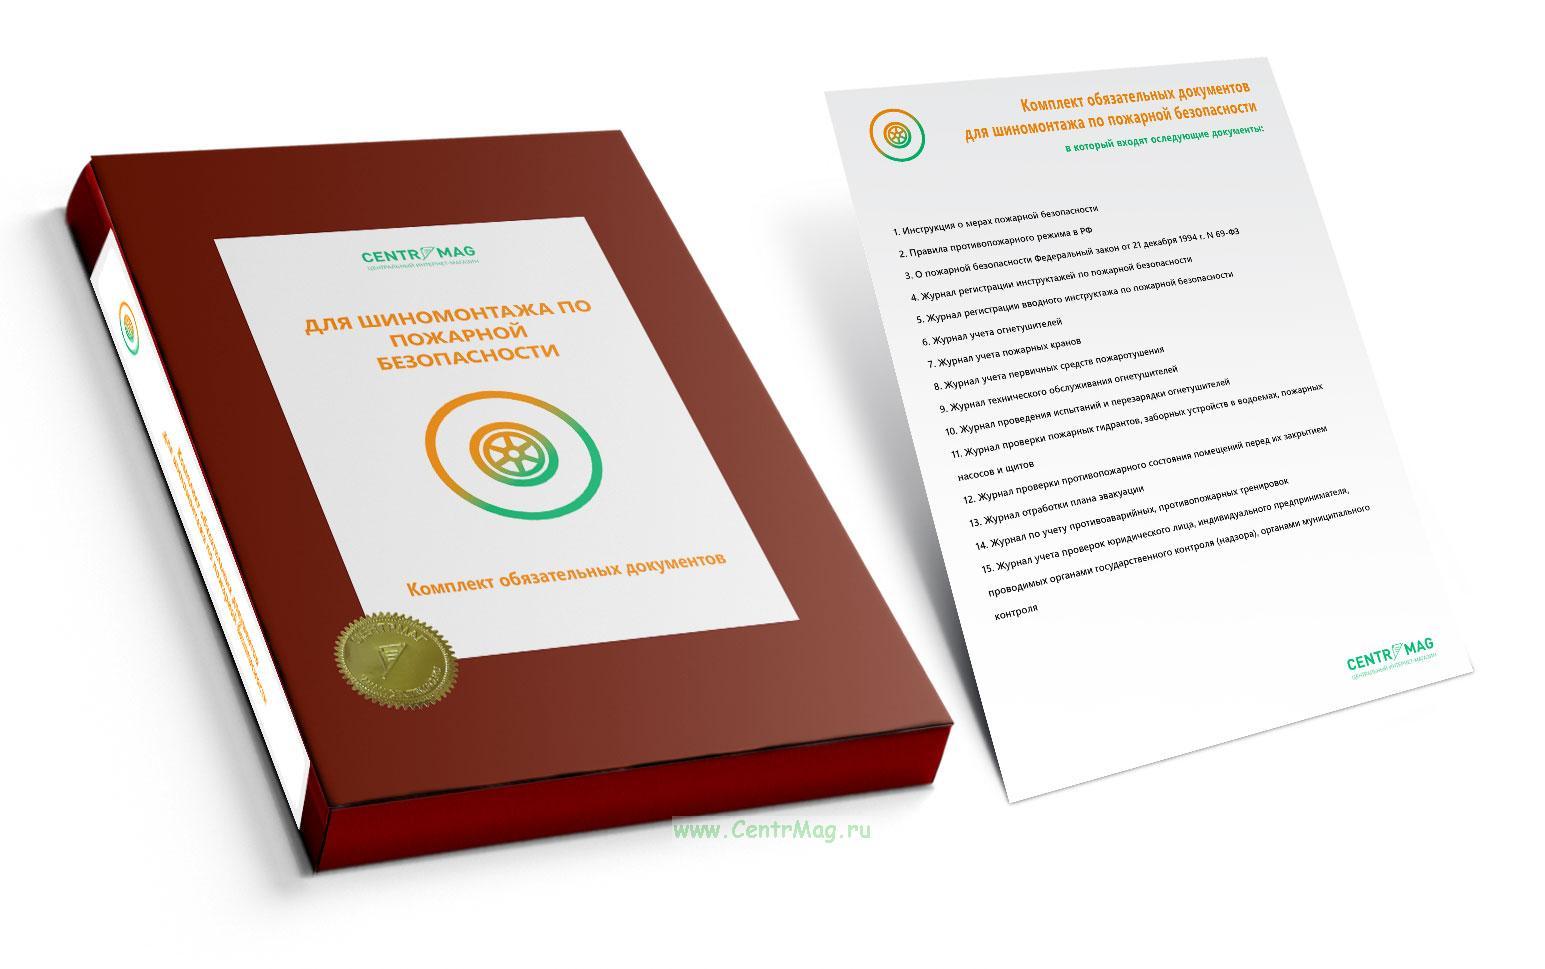 Комплект обязательных документов для шиномонтажа по пожарной безопасности